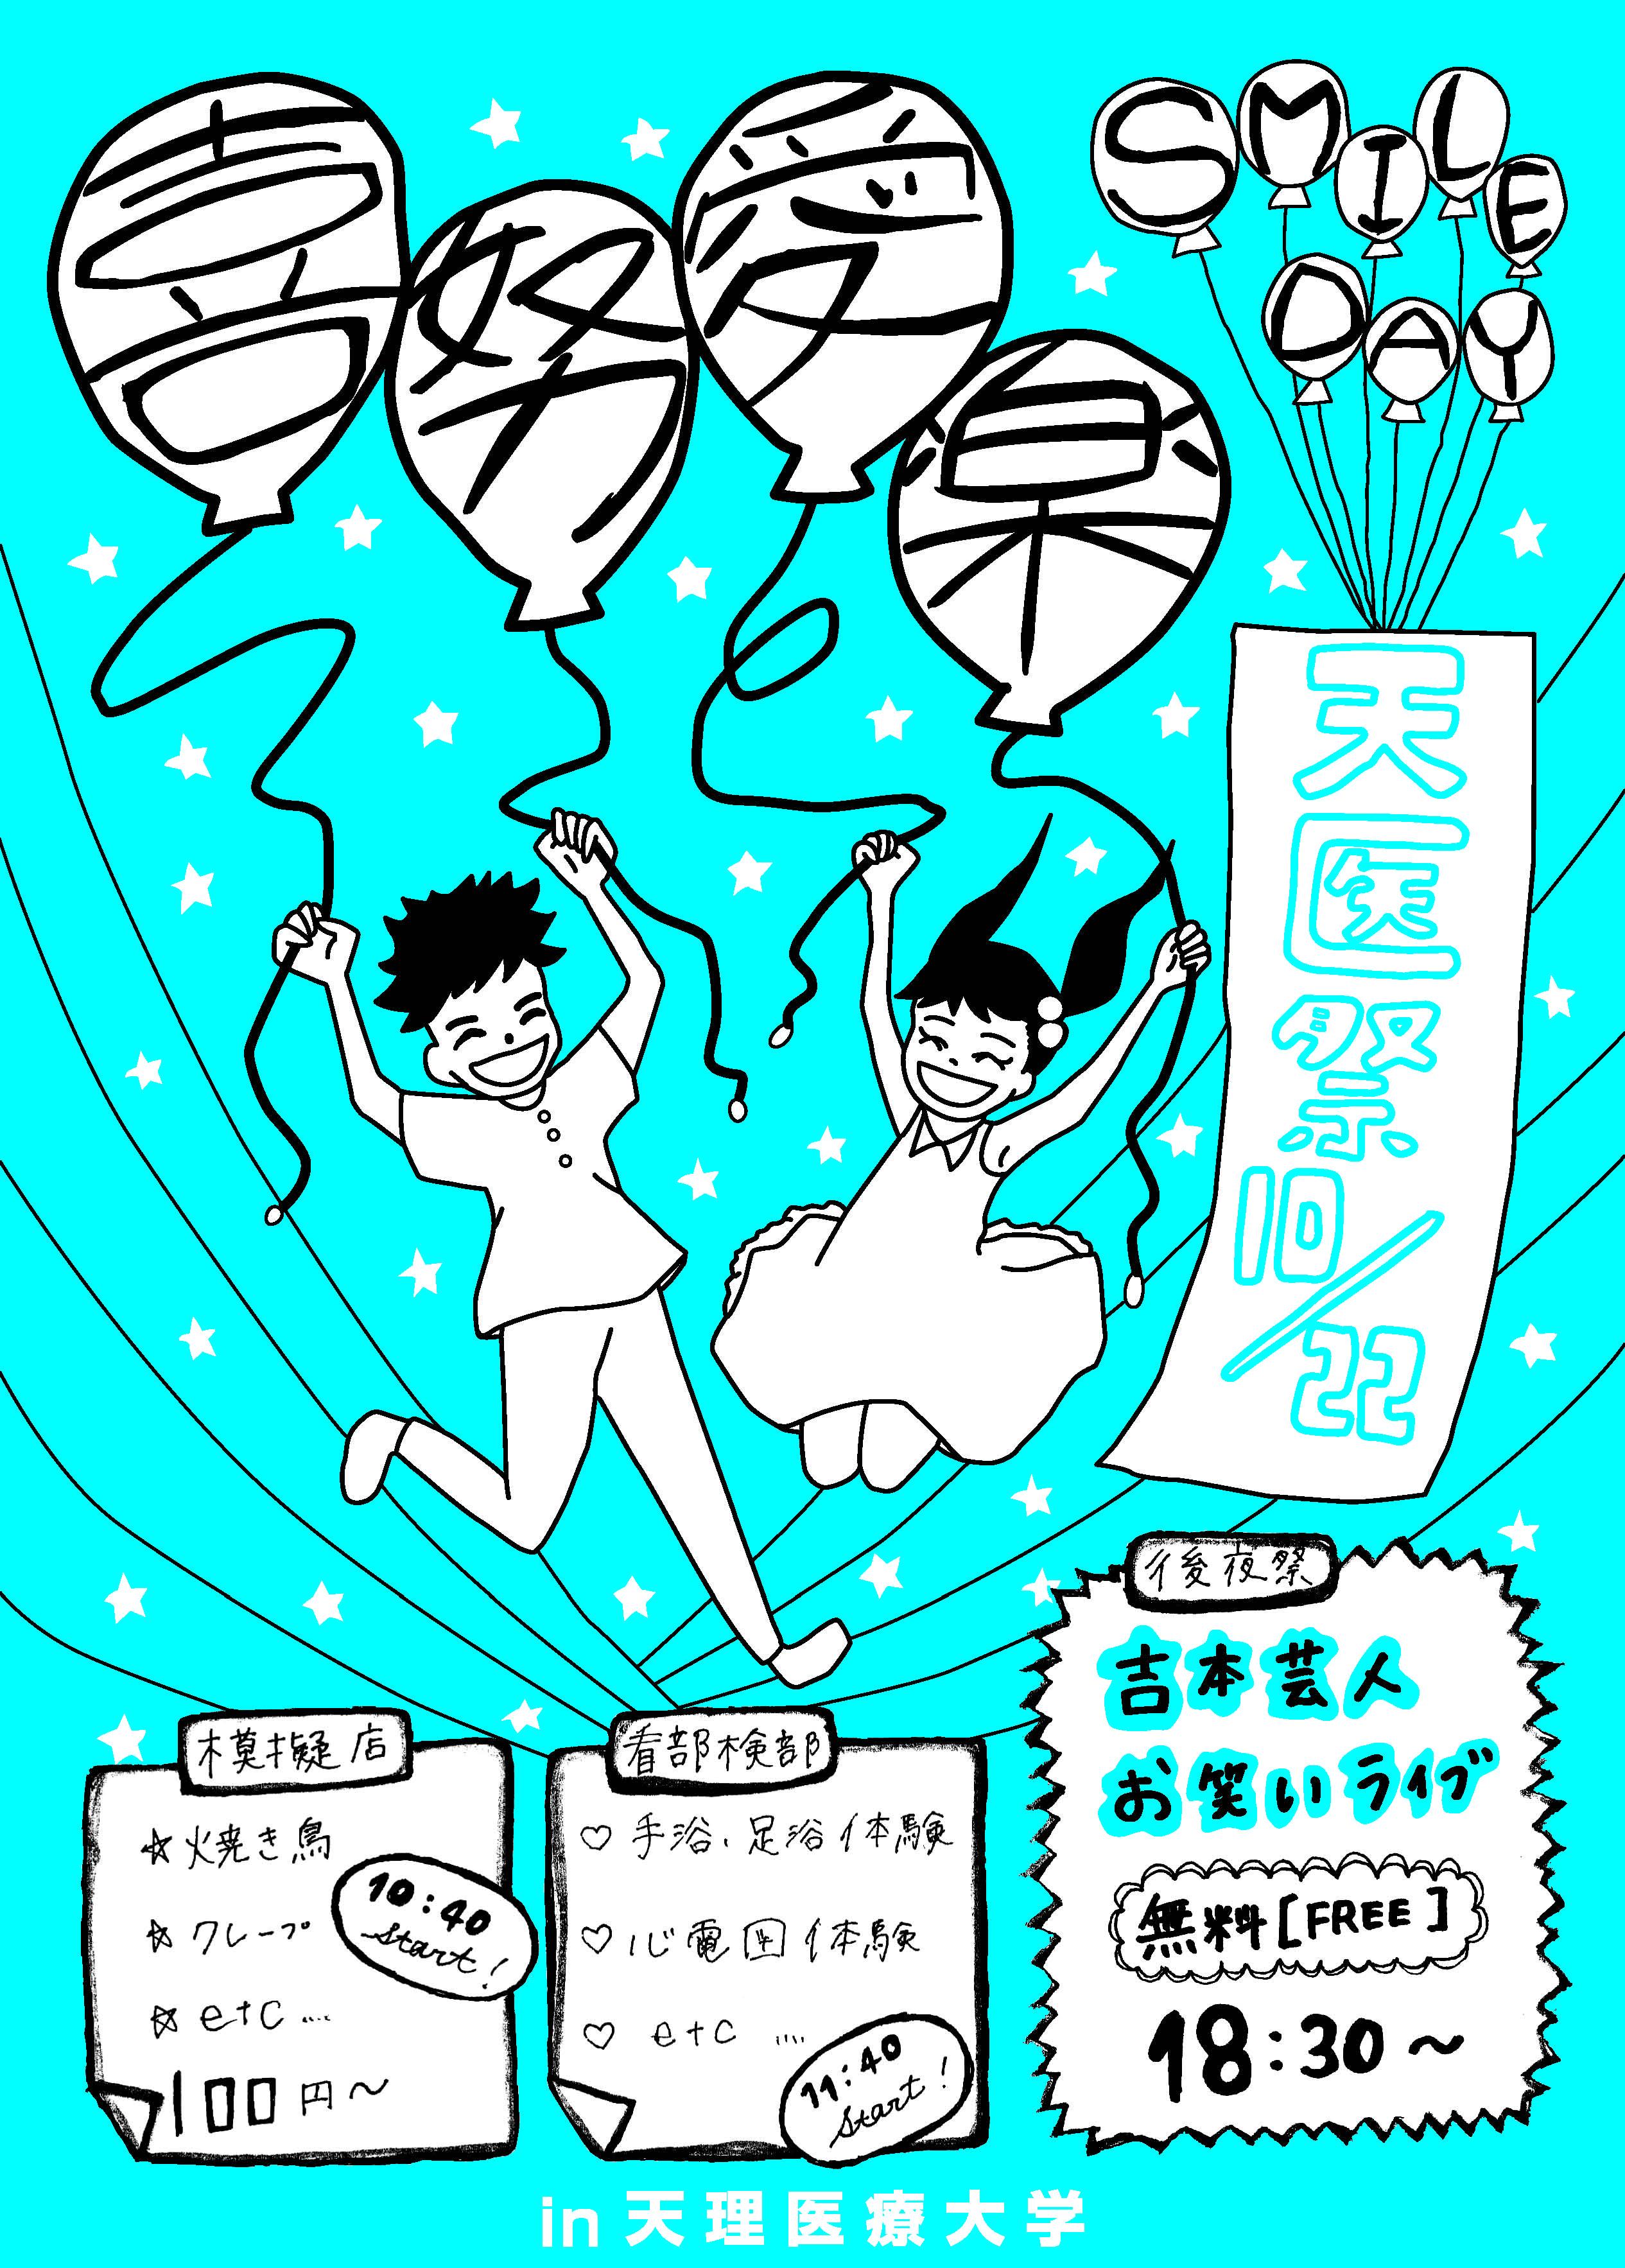 【10/22】天医祭(学祭)の開催のお知らせ